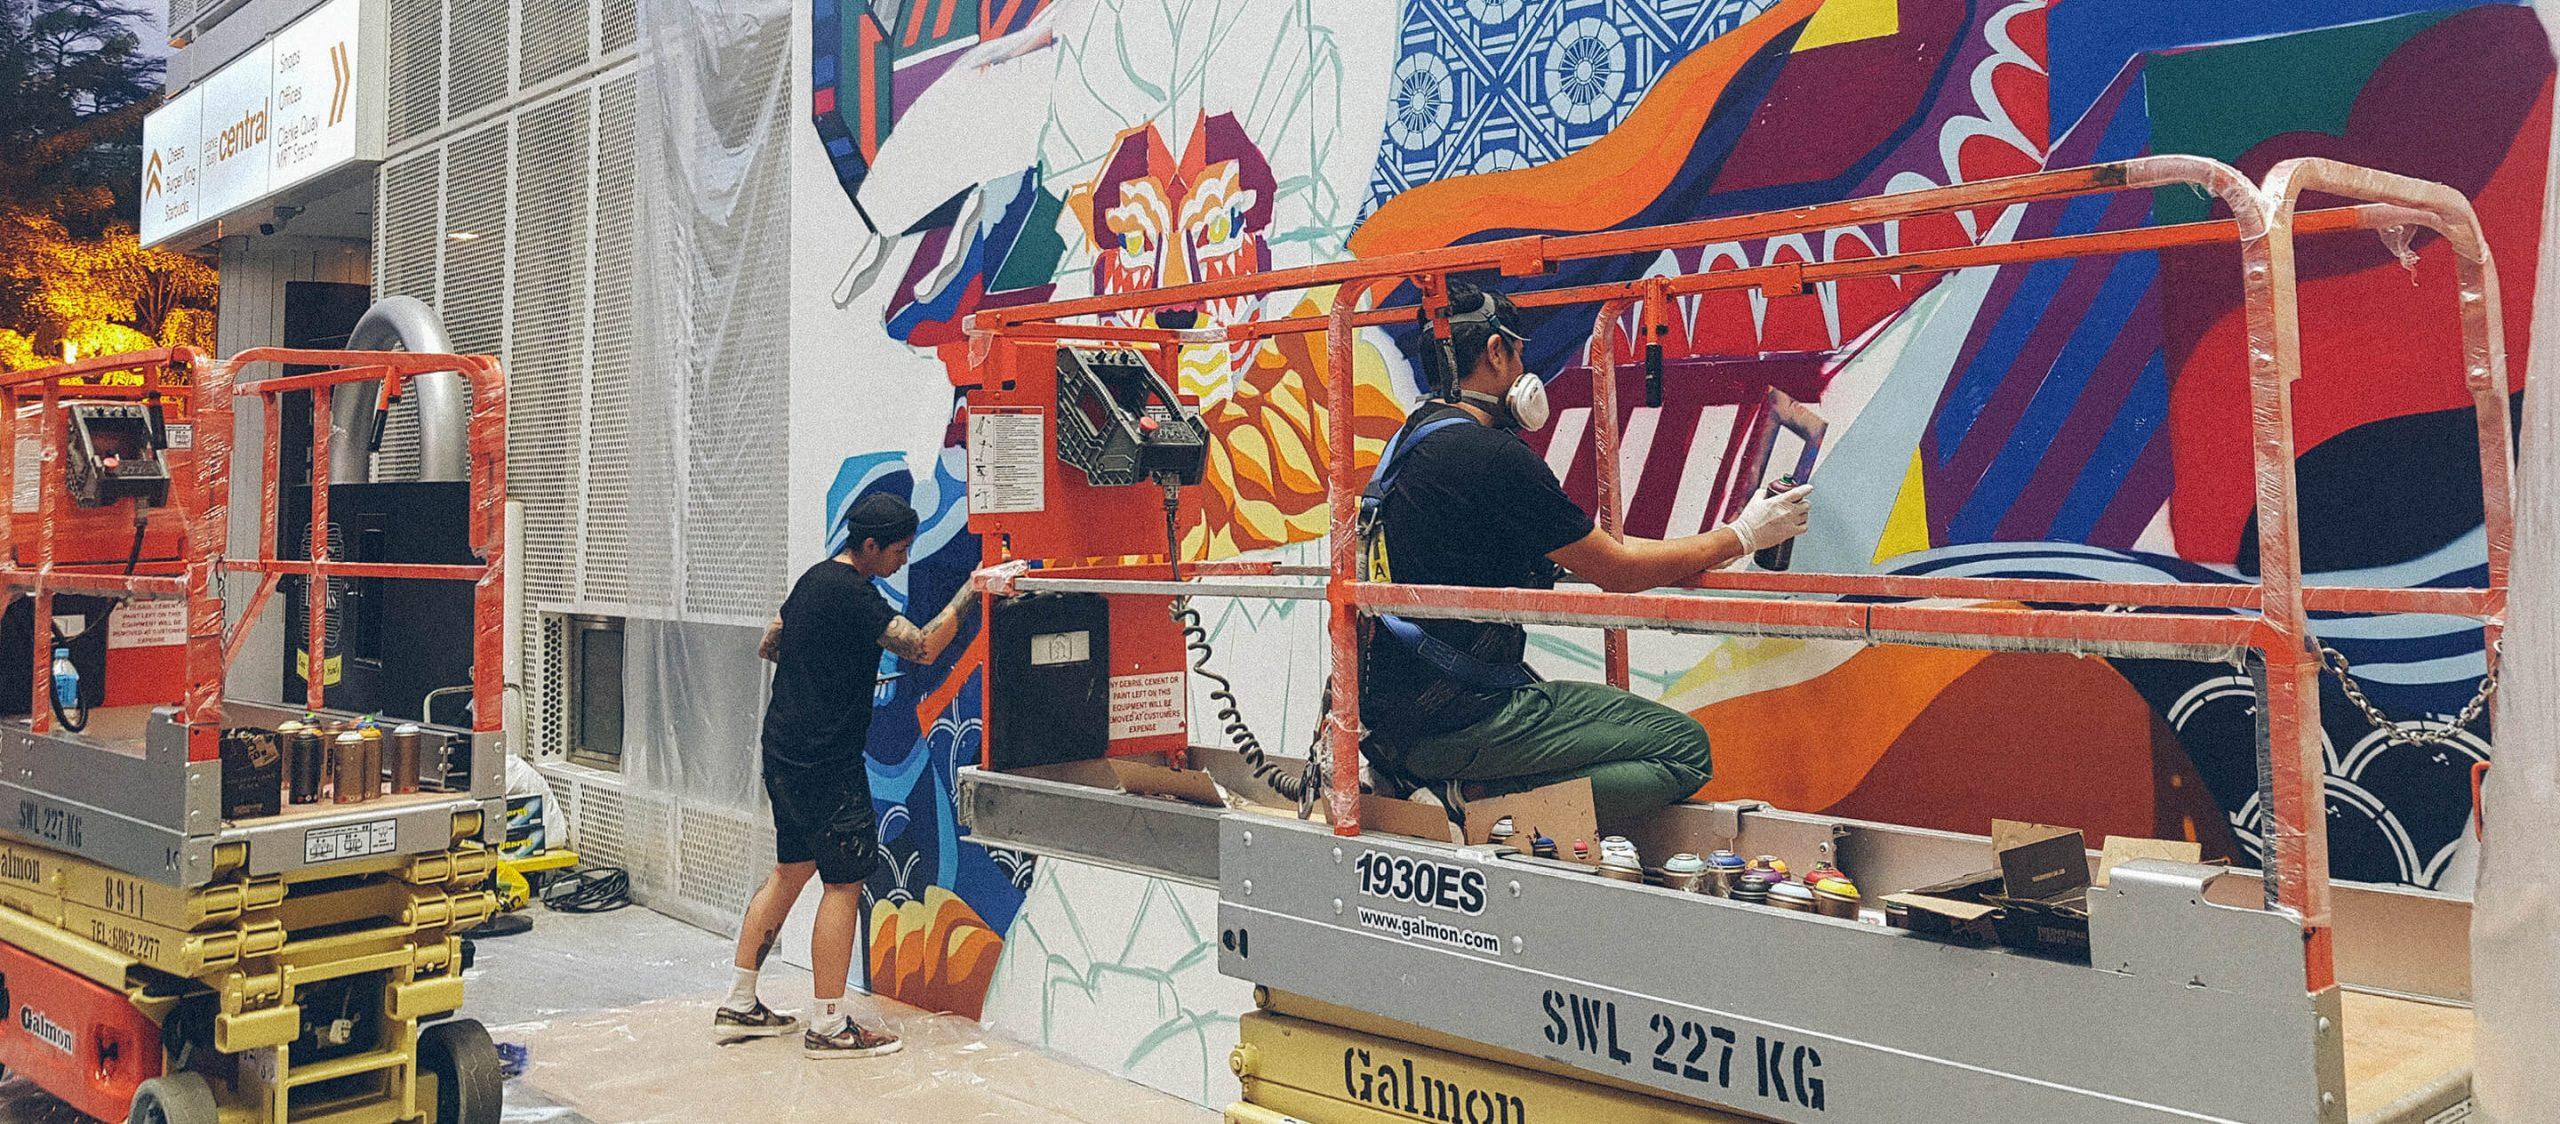 จากภาพร่างสู่ภาพจริง เบื้องหลังงาน mural collaboration ของ Rukkit & Sam Lo ศิลปินไทยและสิงคโปร์